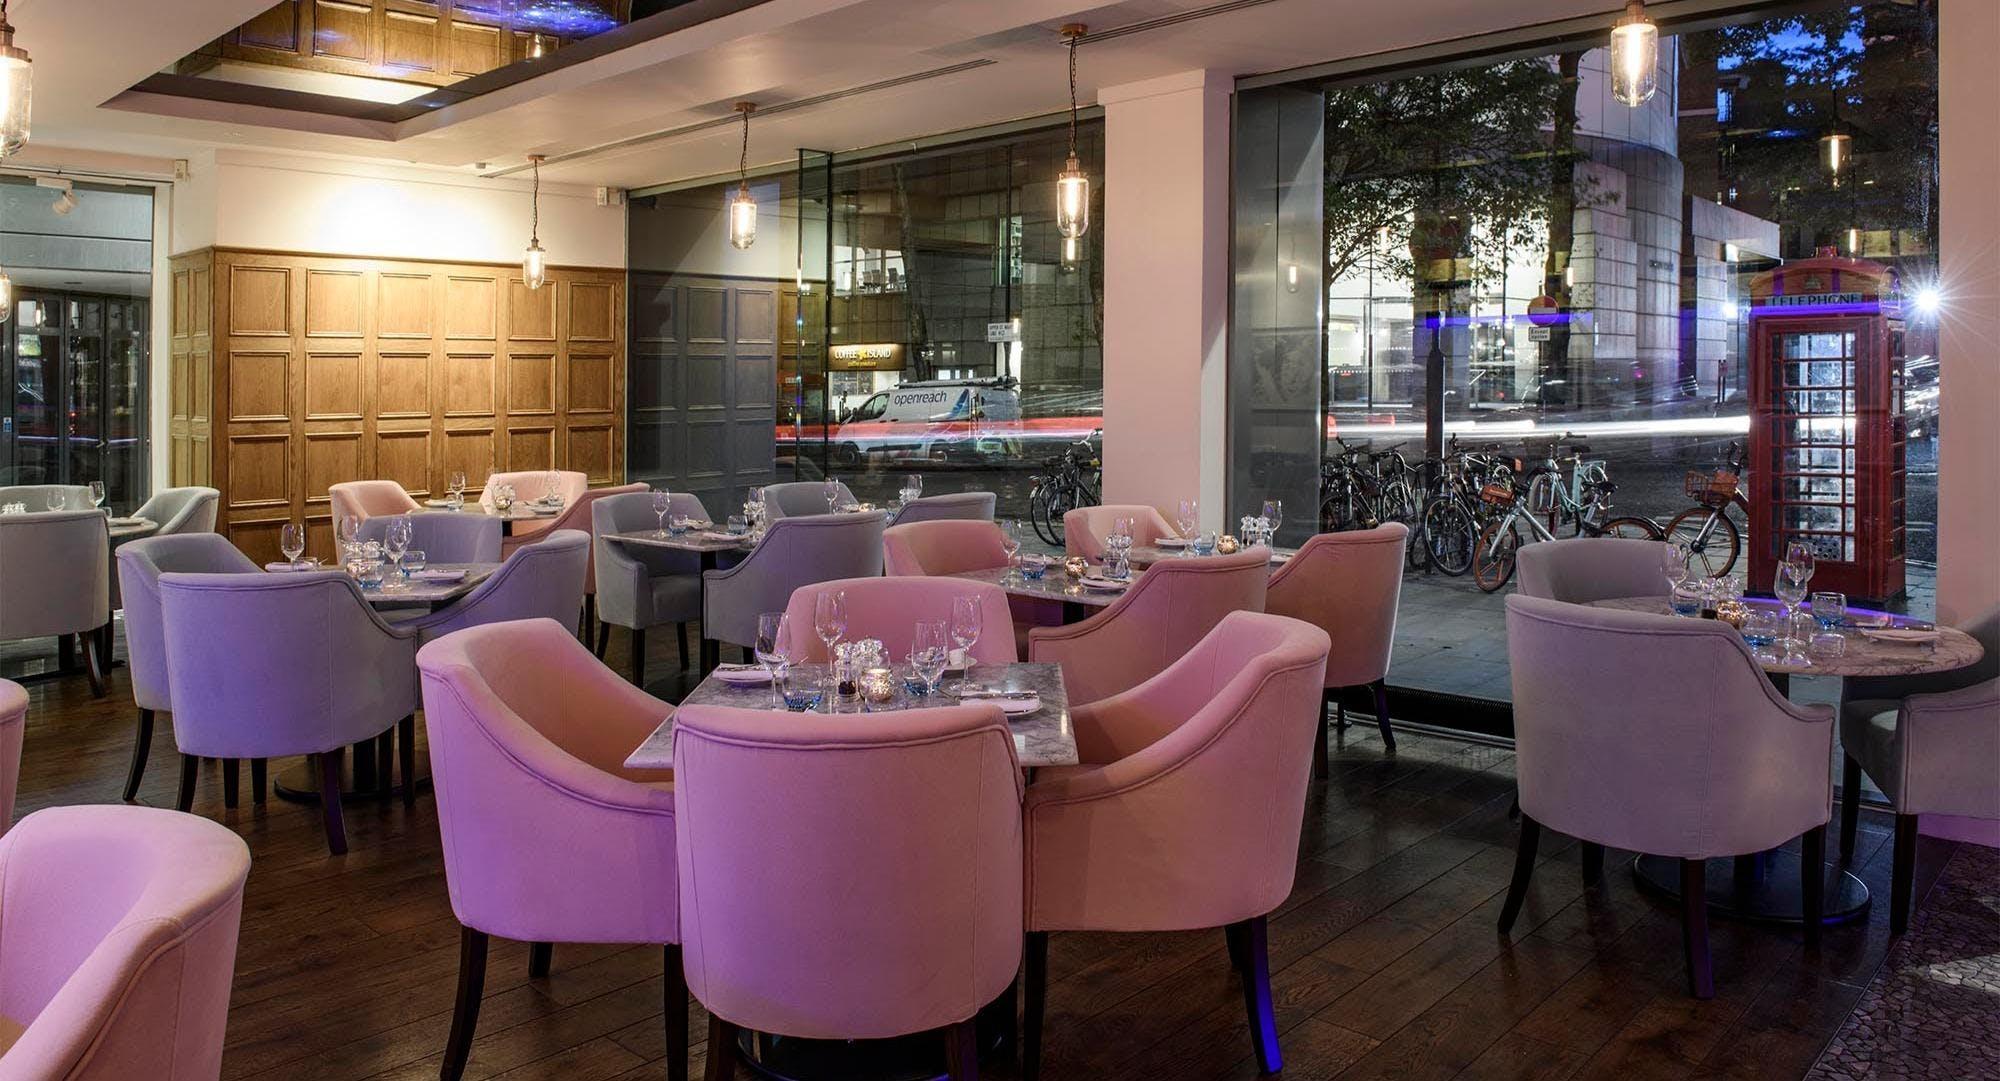 28-50 Wine Bar & Kitchen - Covent Garden